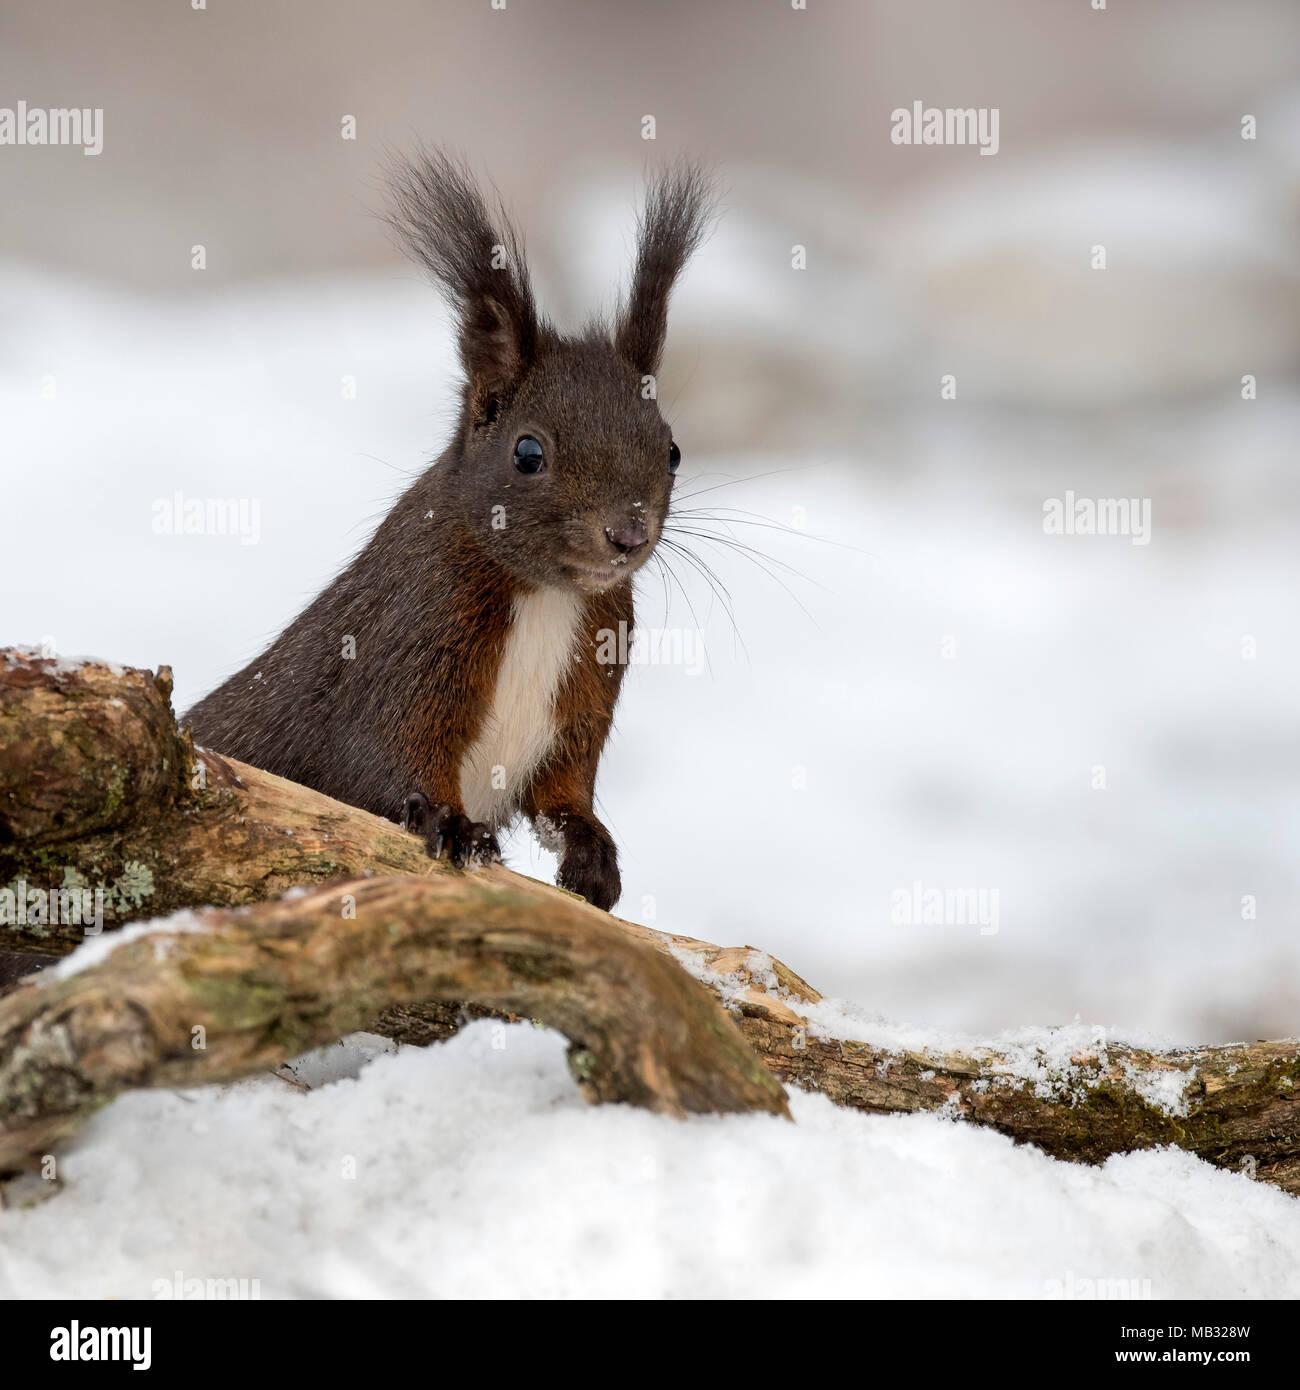 Eurasia ardilla roja (Sciurus vulgaris) sobre el terreno en la nieve, Tirol, Austria Imagen De Stock